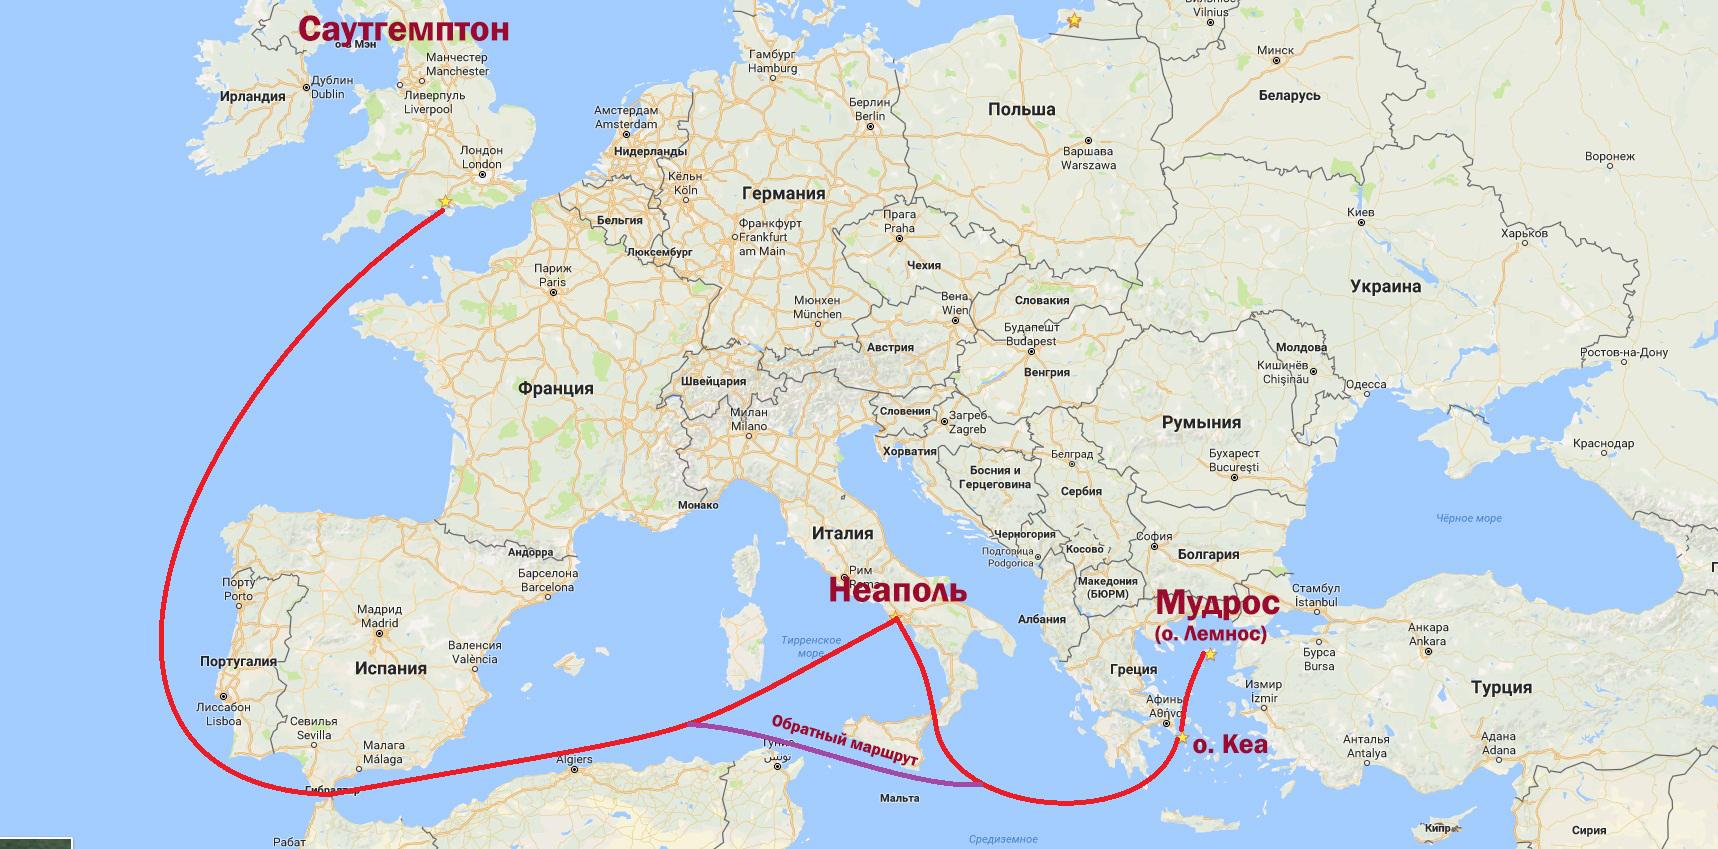 Британник карта